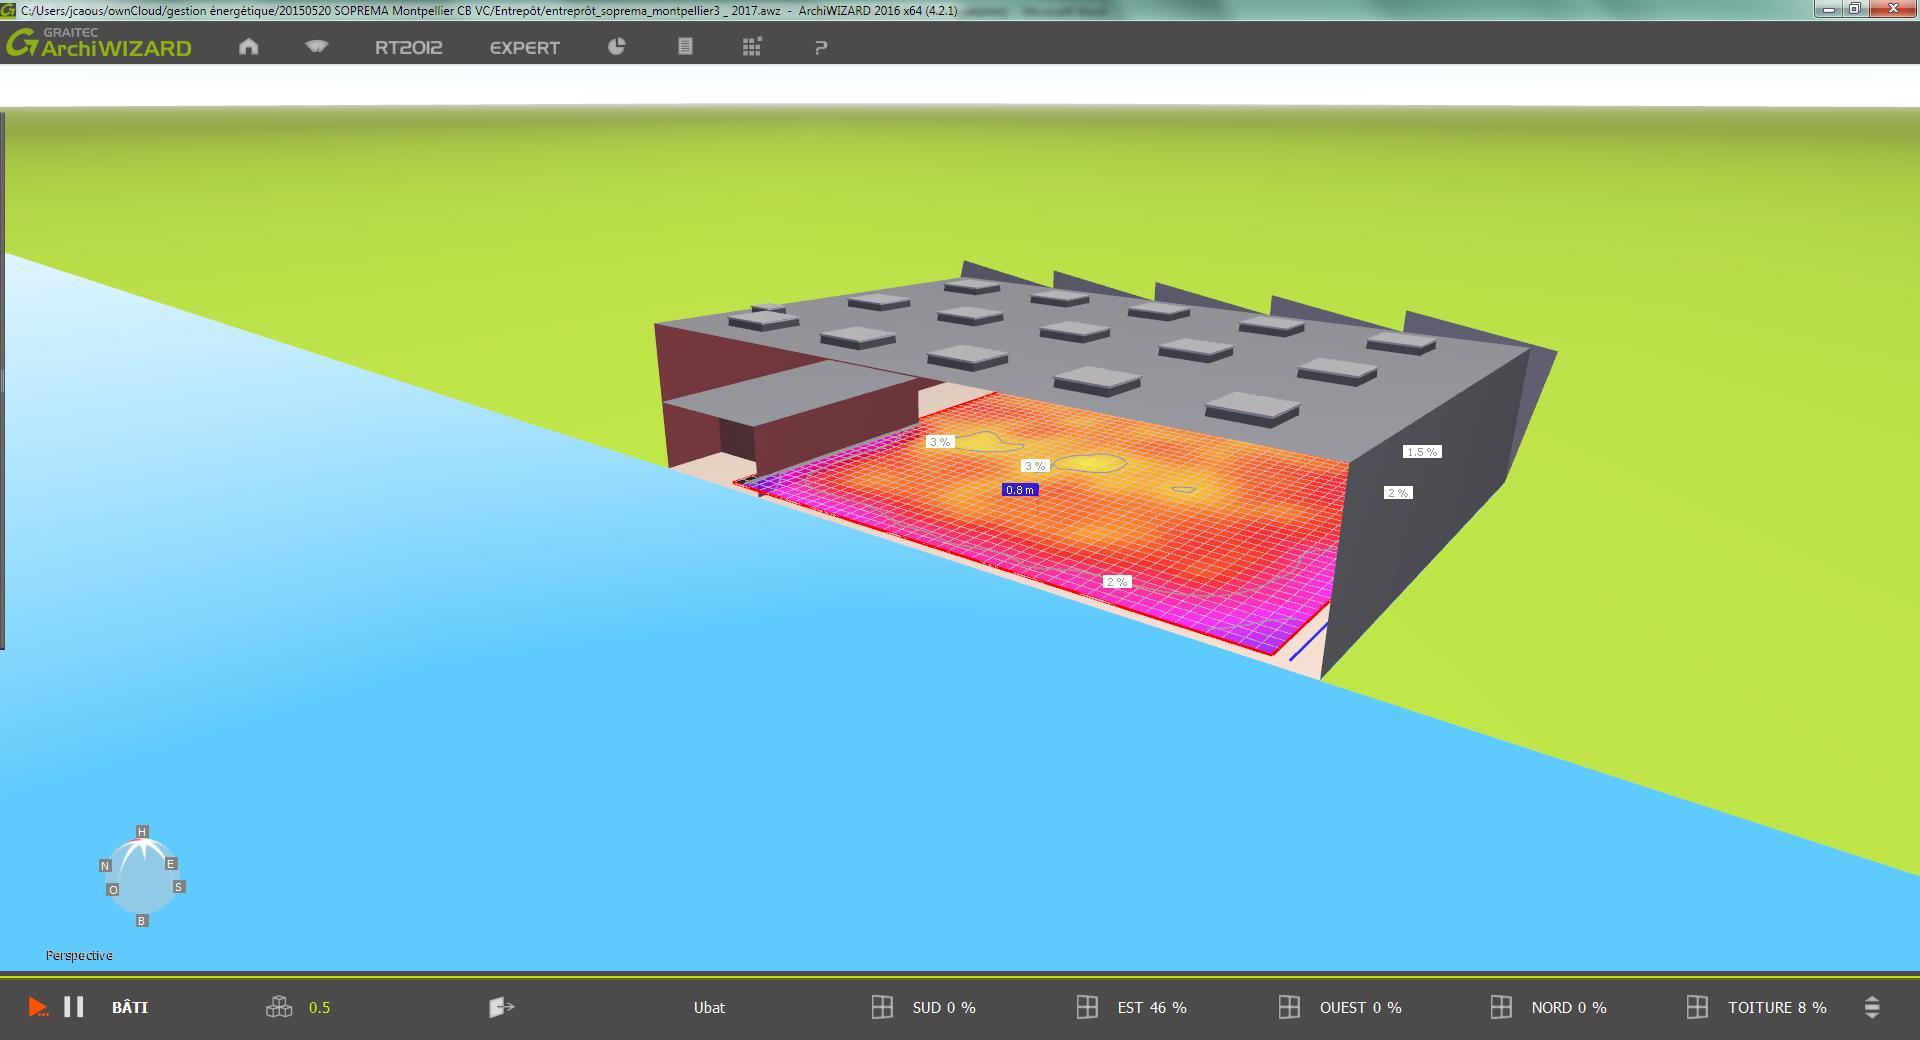 Modélisation bâtiment Soprema Montpellier rendu 3D pour site Adexsi (BIM)